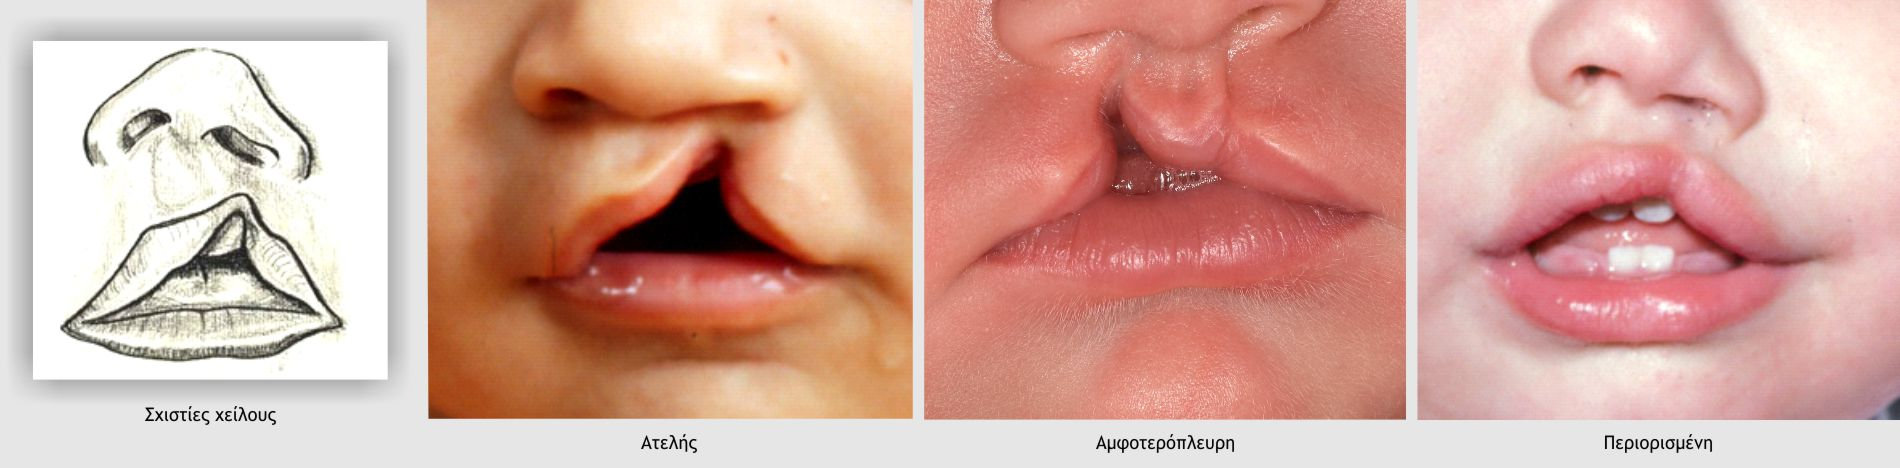 Σχιστίες χείλους